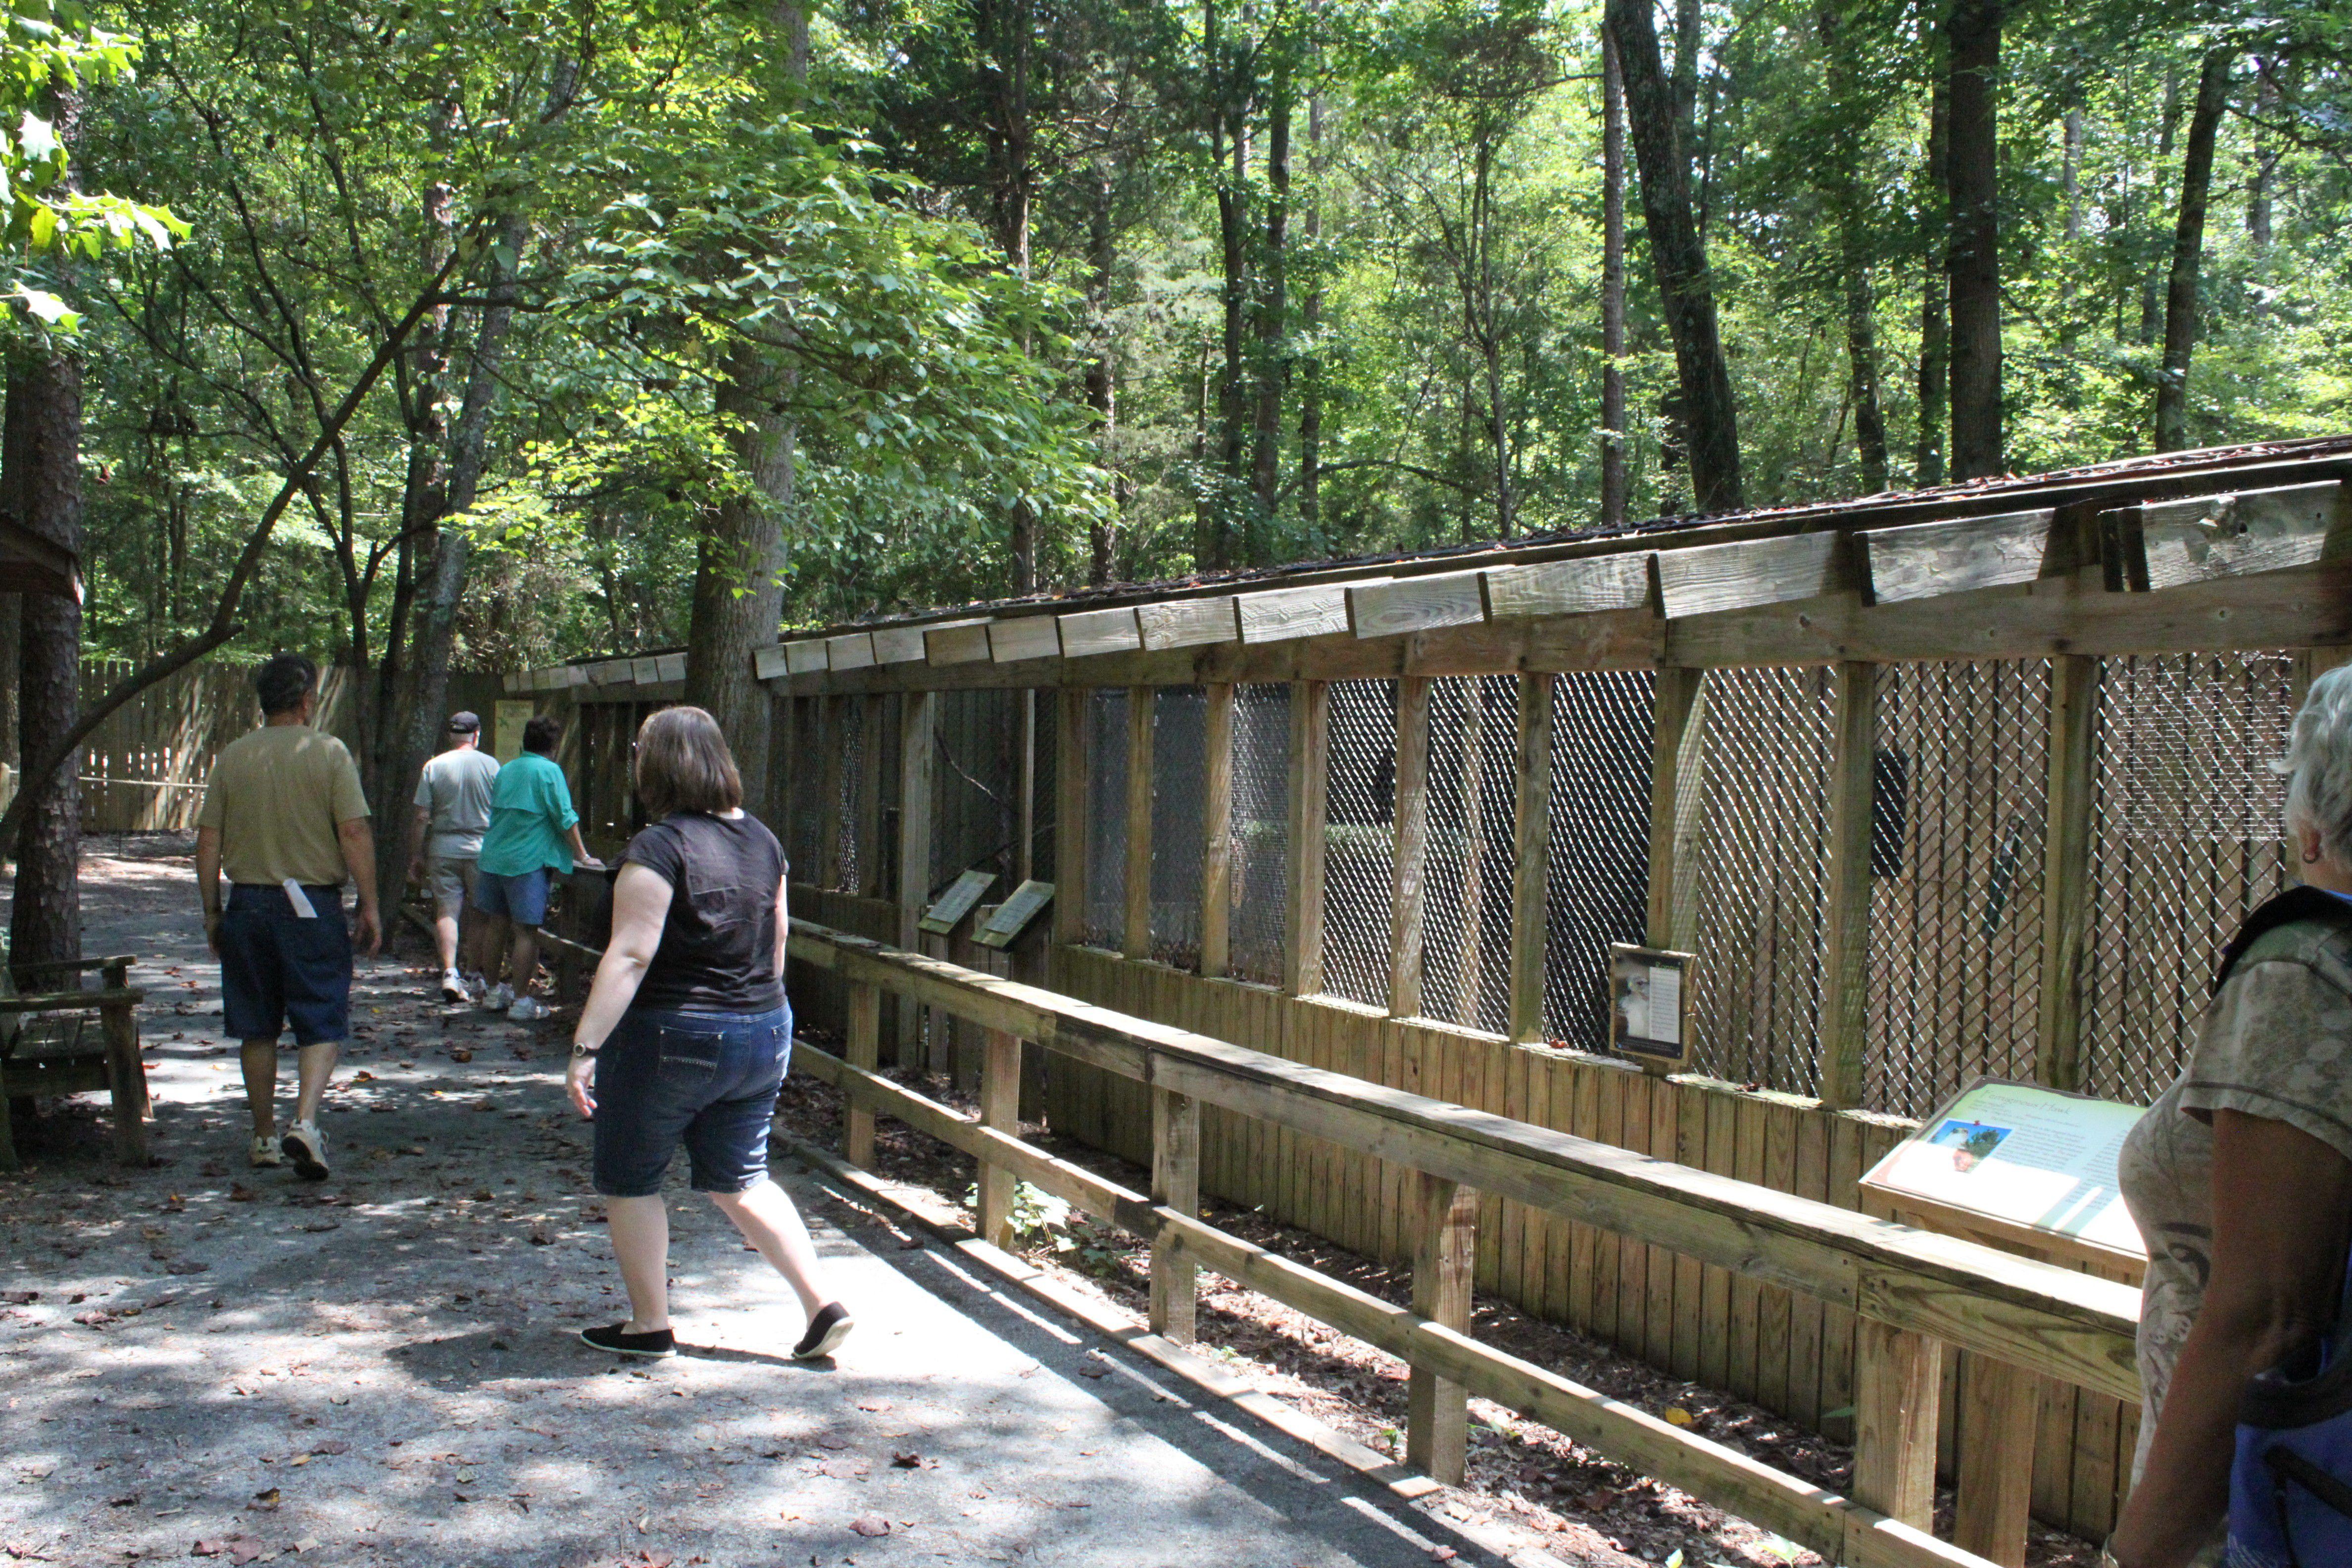 Aviary at the Carolina Raptor Center